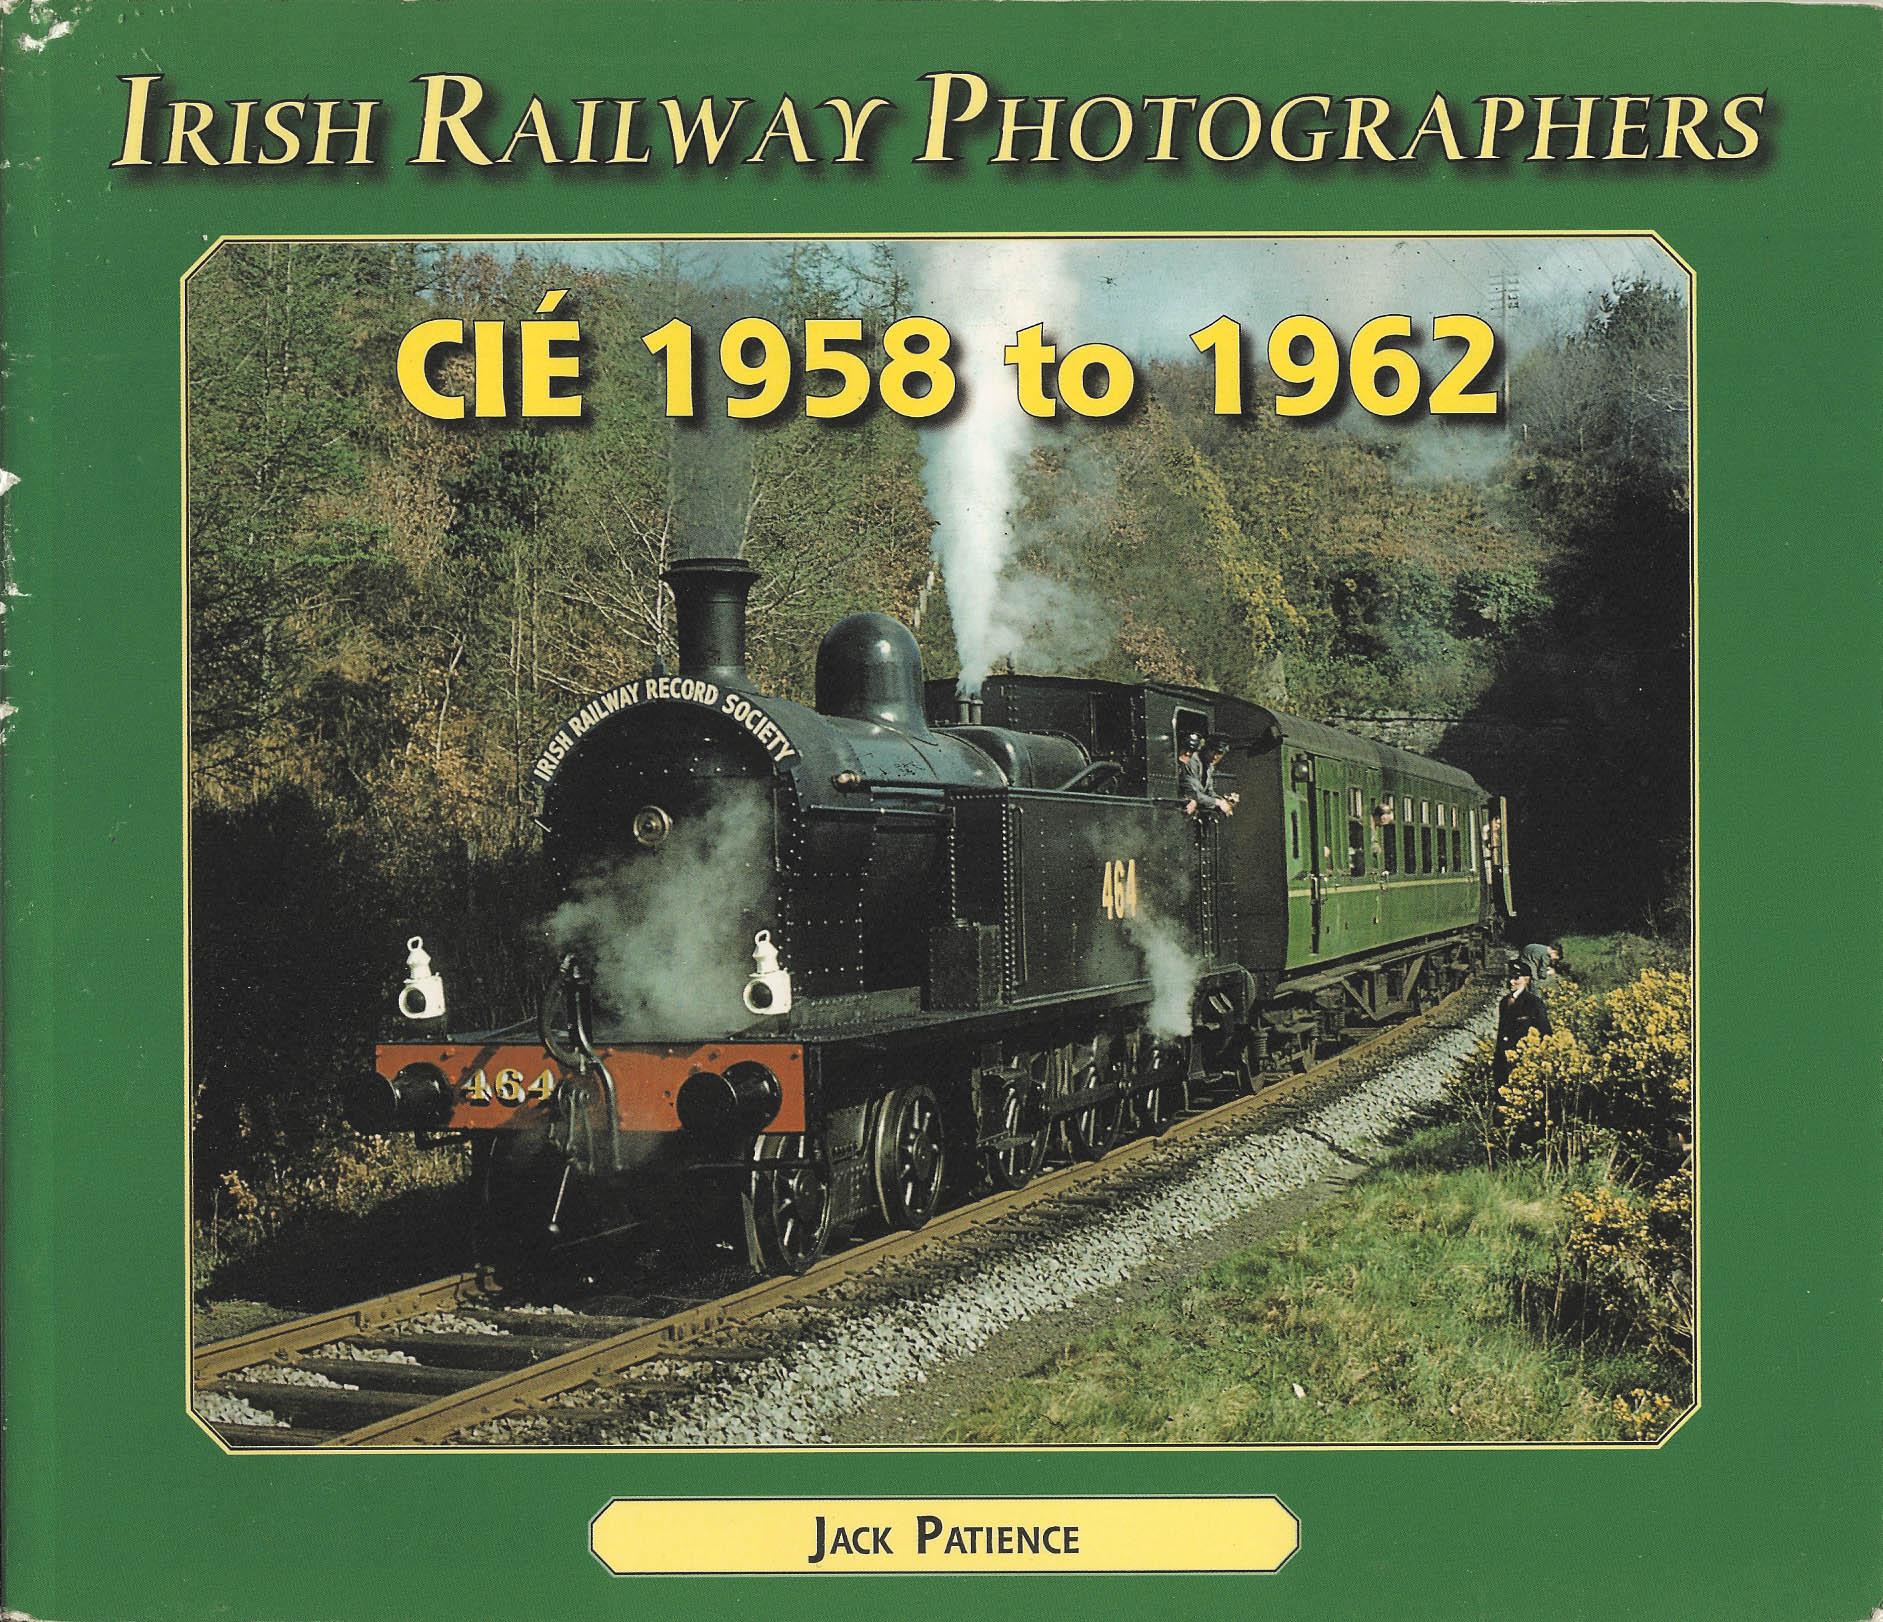 Irish Railway Photographers CIE 1958 to 1962